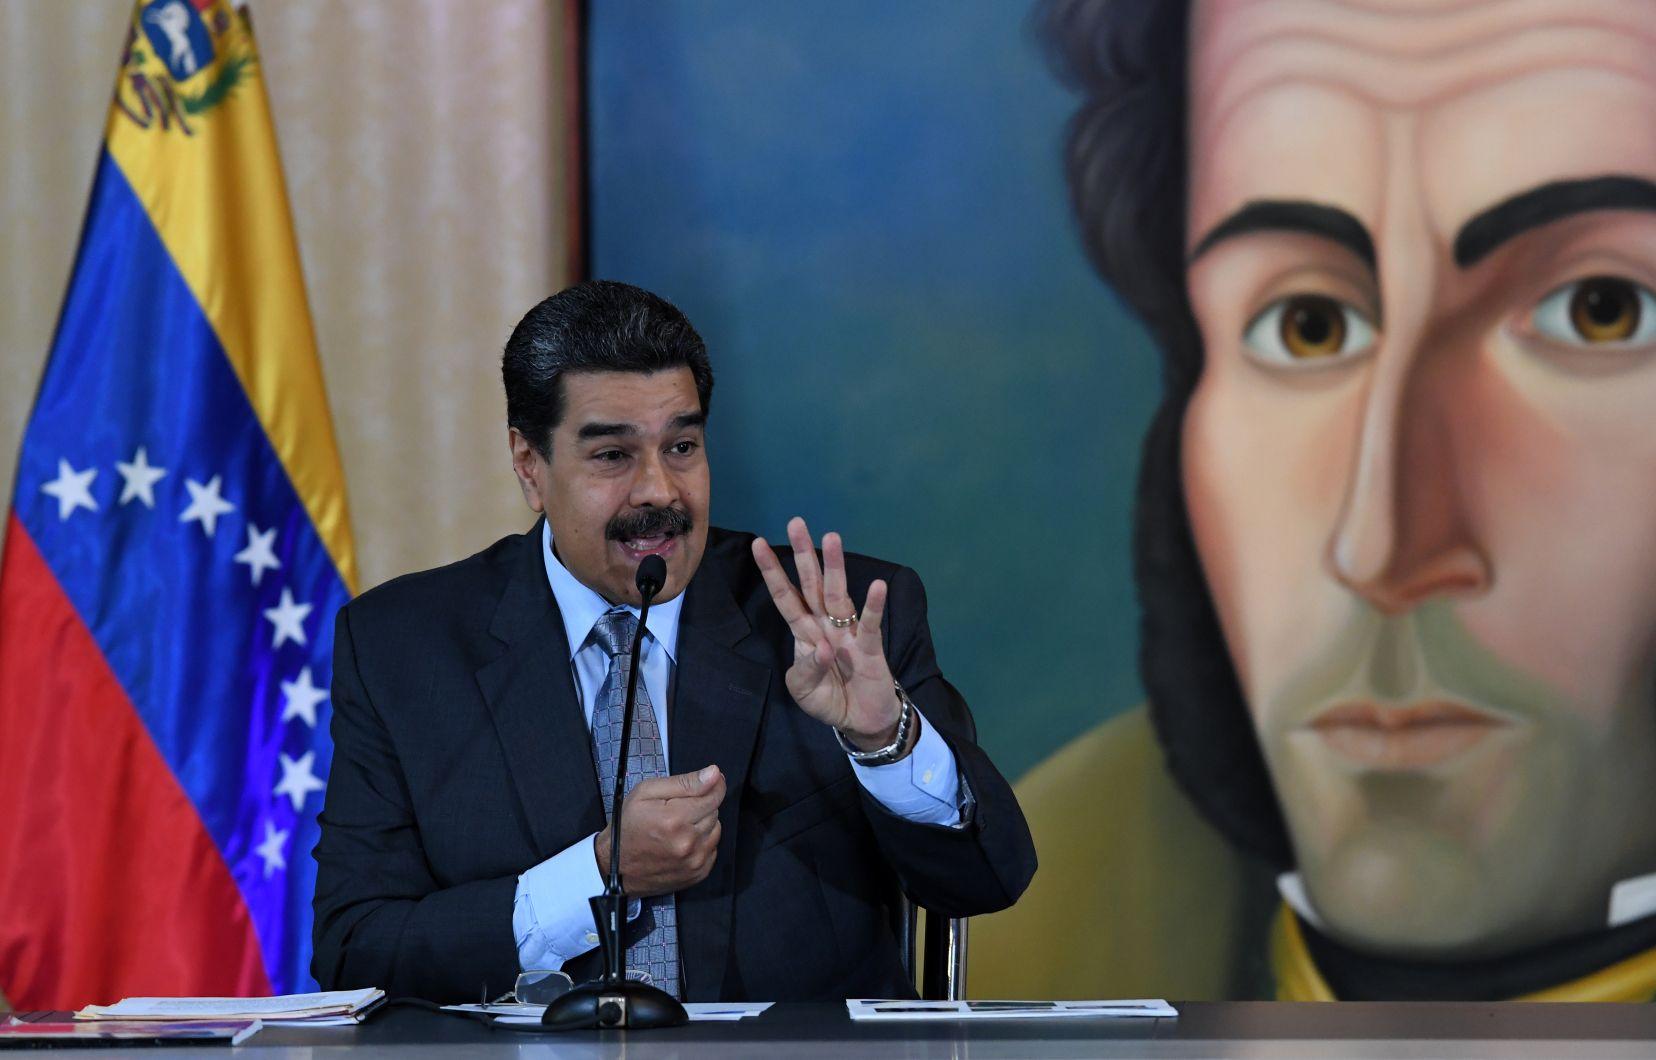 Photo: Yuri Cortez Agence France-Presse Le président du Venezuela, Nicolás Maduro